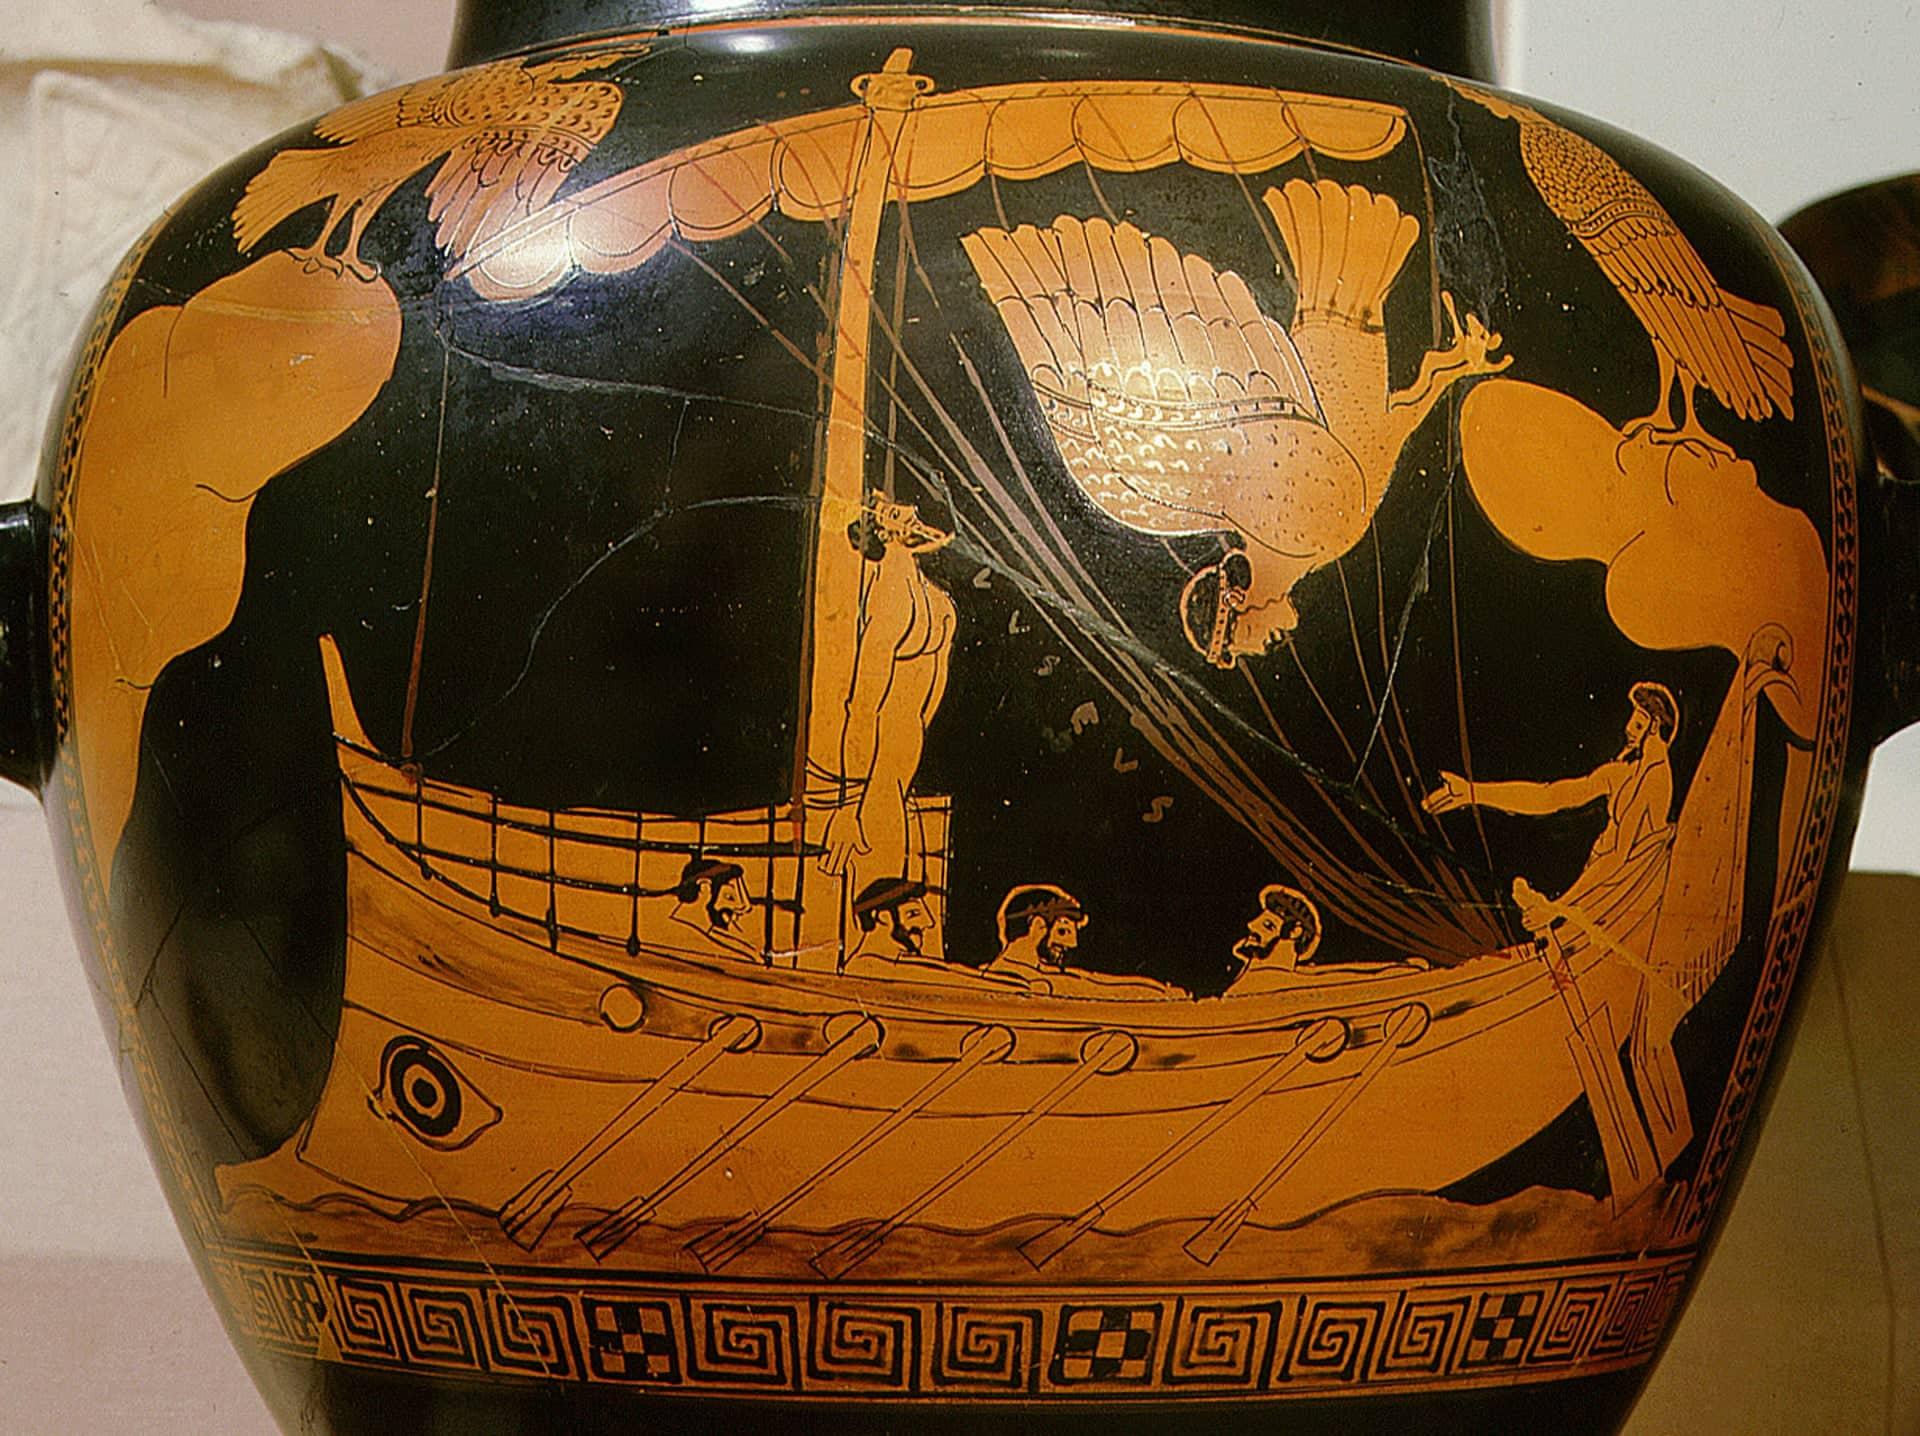 waza przedstawiająca podobną jednostkę do odkrytego wraku